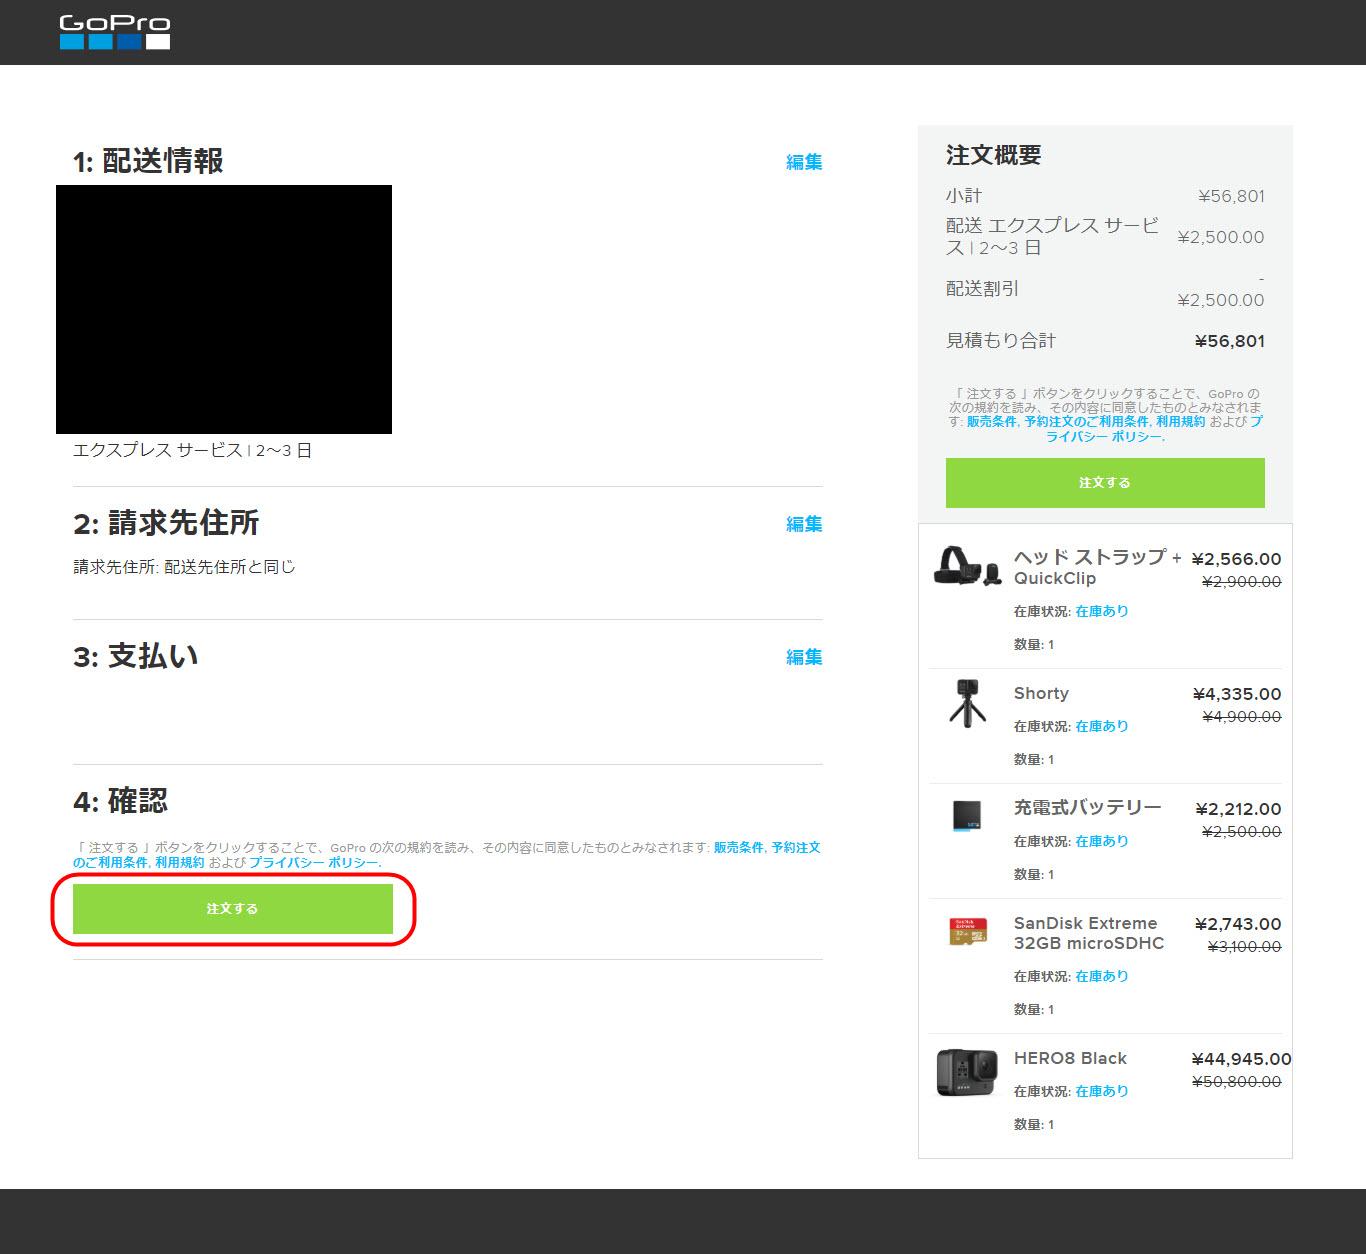 GoPro ゴープロ 公式サイト 買い方 購入方法 安い SDカード 特典 送料無料 支払い方法 支払い方法 使い方 アフィリエイト クレジットカード